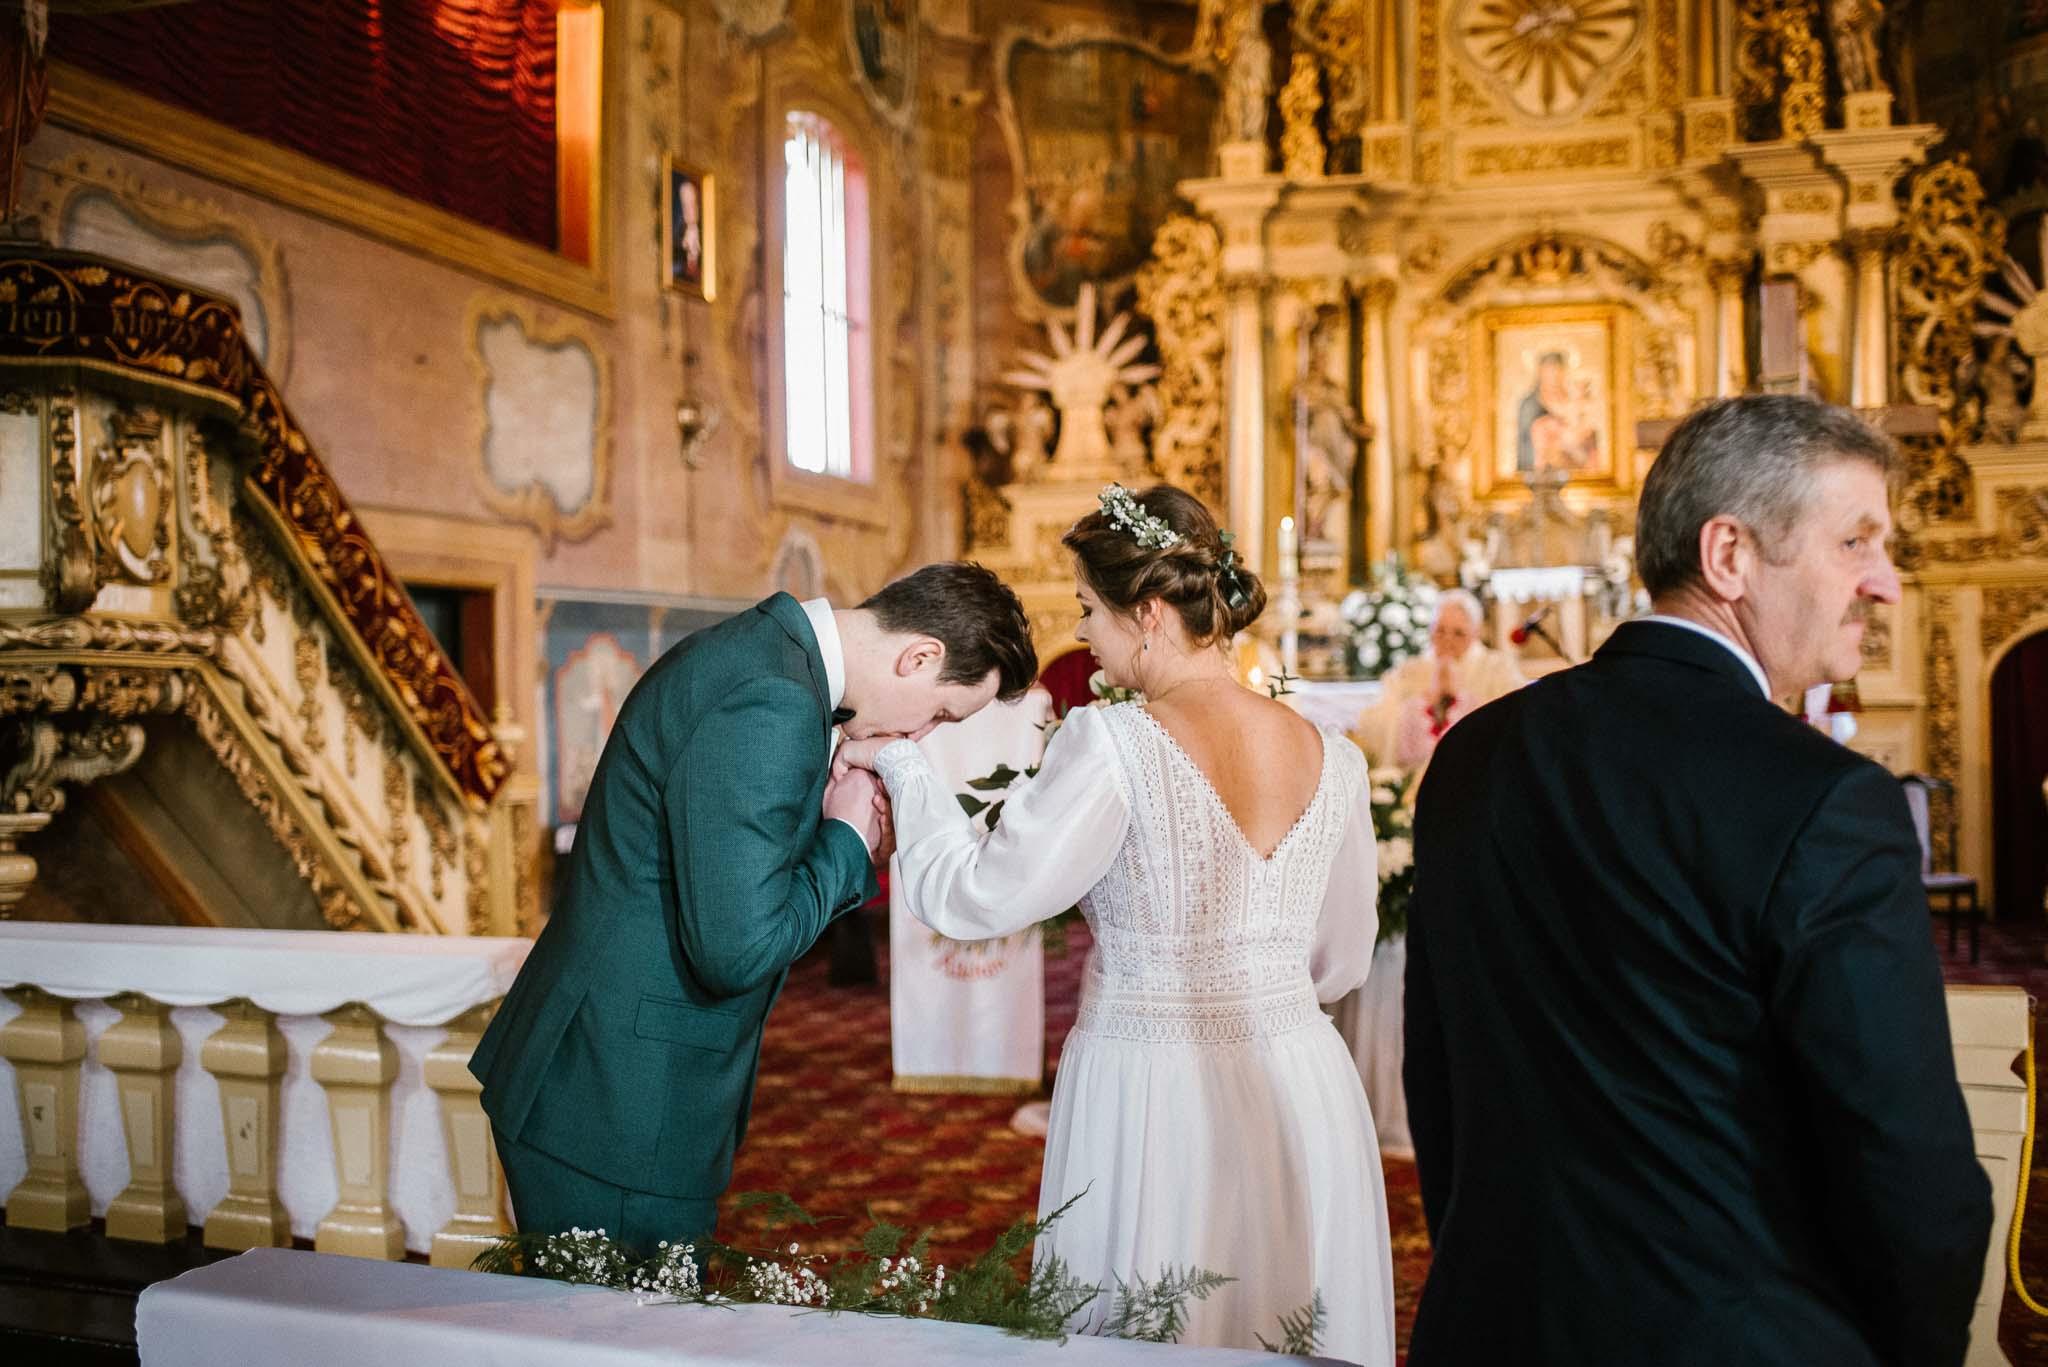 Pan młody całuje pannę młodą w rękę - sesja ślubna reportaż Żuczki Inowrocław